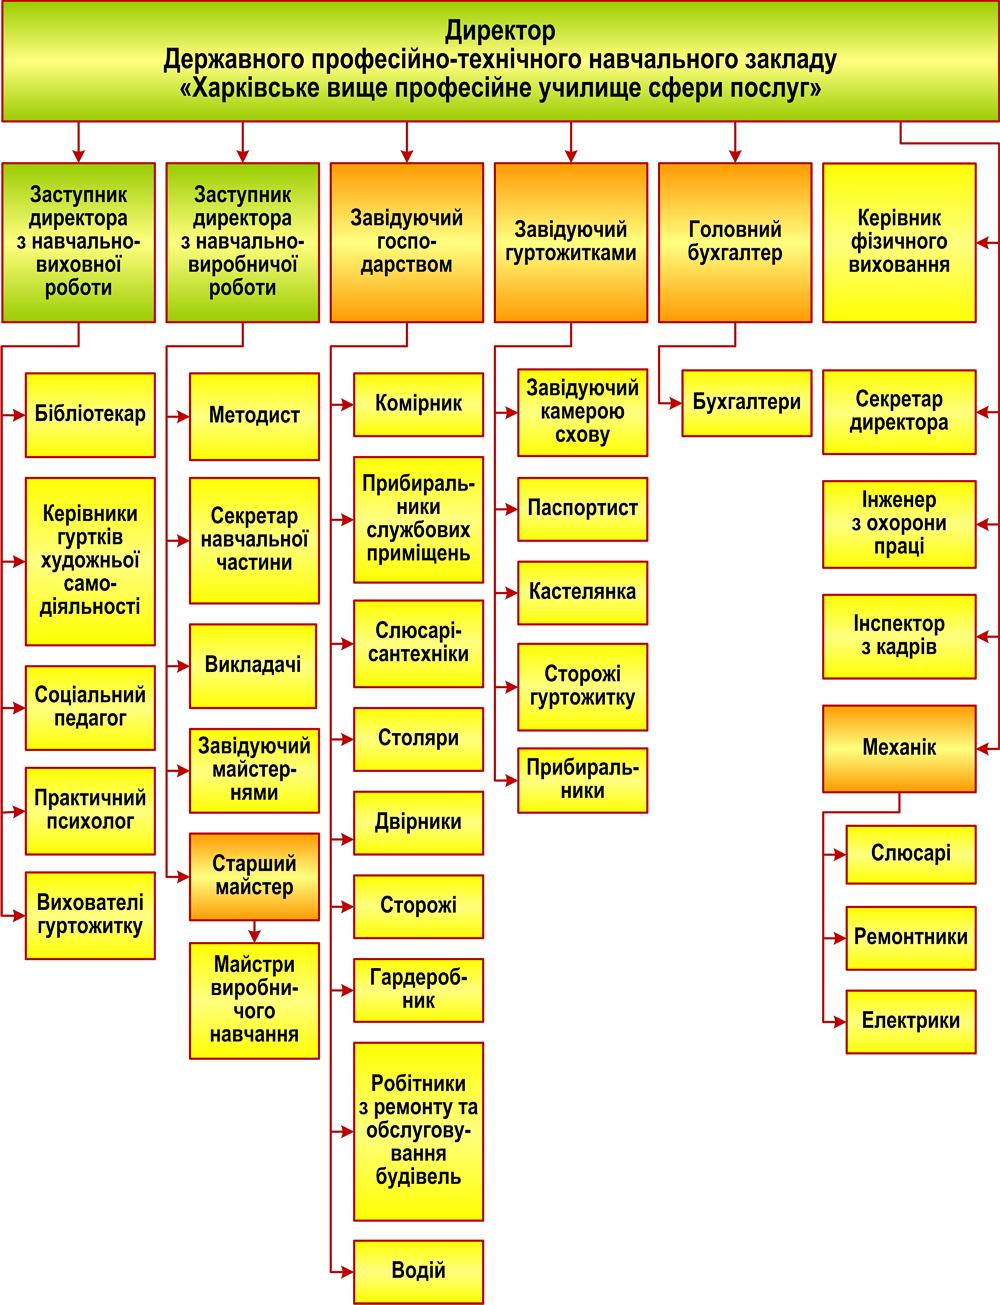 Структурна схема управління ДПТНЗ ХВПУ СП_січень 2016 нова_вертикальна на сайт без прізвищ